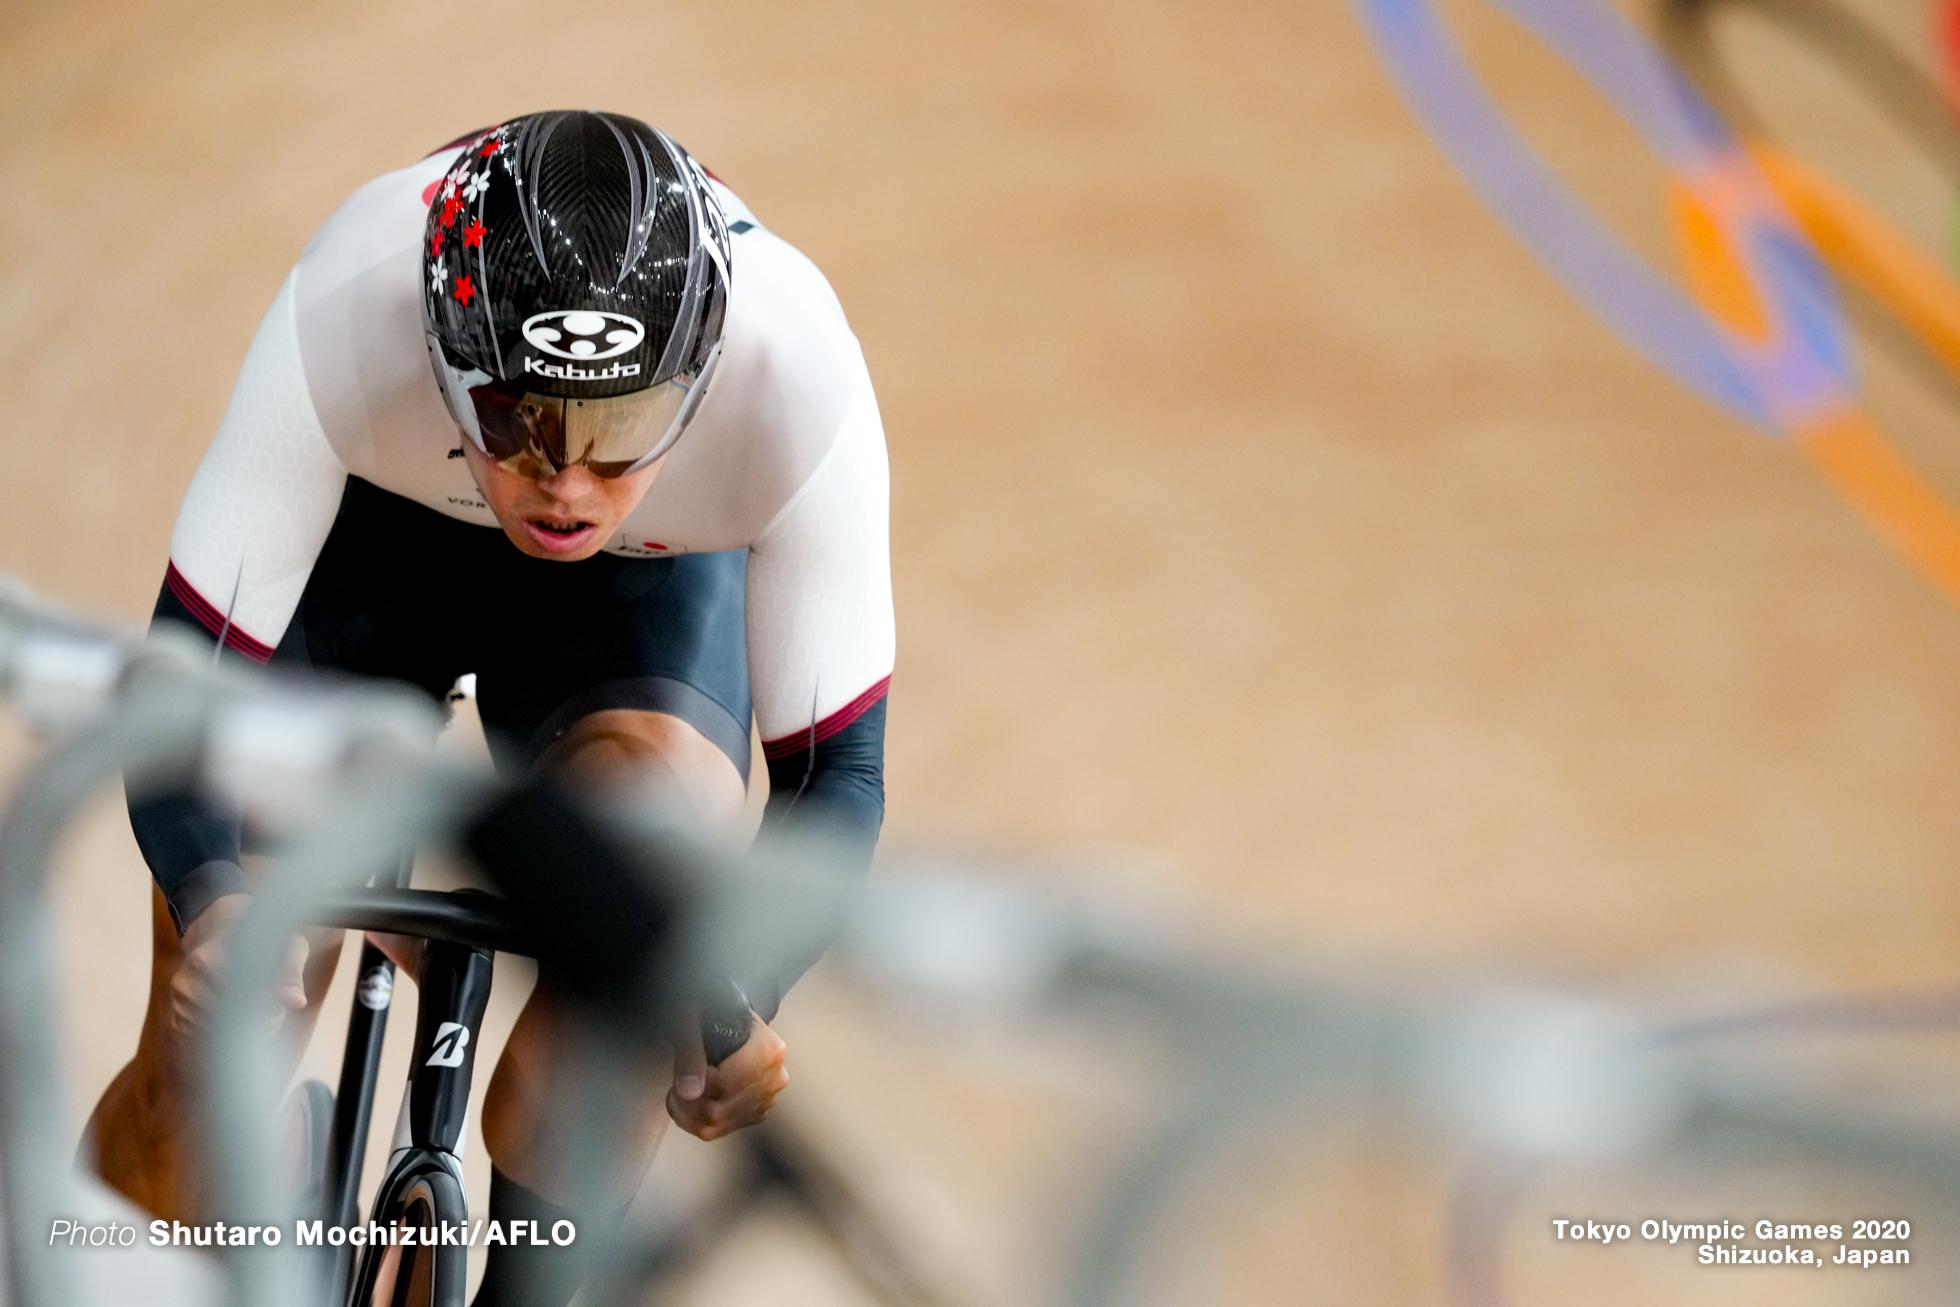 脇本雄太 Yuta Wakimoto (JPN), Men's Sprint Qualifying AUGUST 4, 2021 - Cycling : during the Tokyo 2020 Olympic Games at the Izu Velodrome in Shizuoka, Japan. (Photo by Shutaro Mochizuki/AFLO)